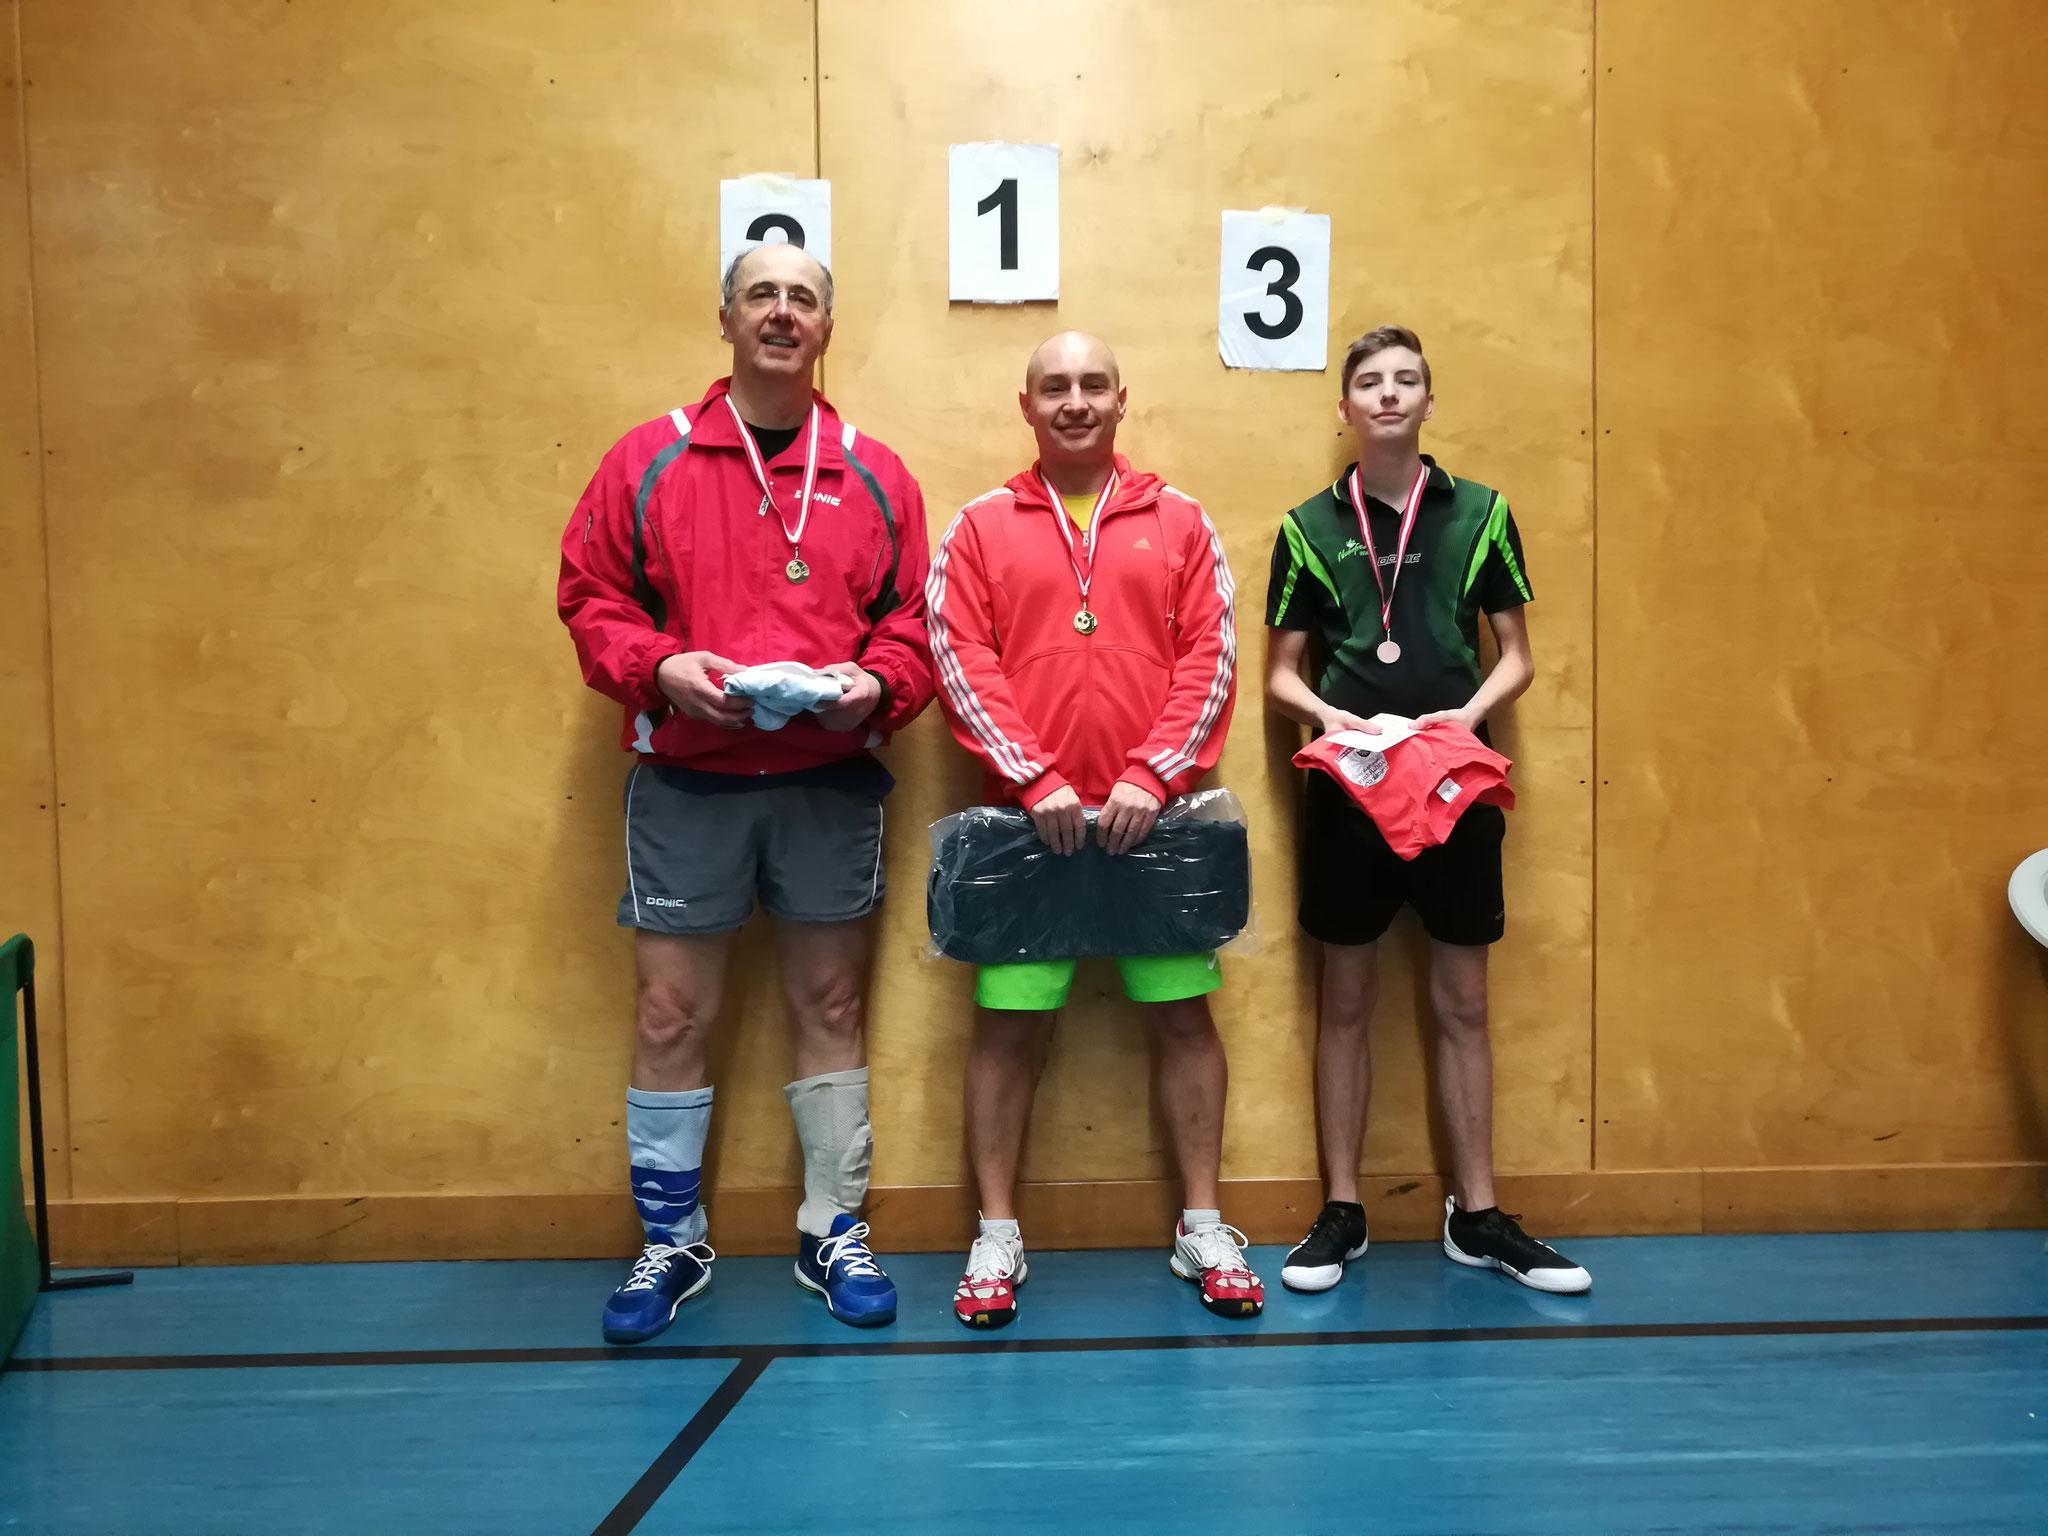 Gesamtsieger Bewerb B: v.l.n.r. Bernhard Mörth (WPAE) (Platz 2), Marcin Gibala (WPAE) (Sieger), Martin Trausmuth (NFS) (Platz 3)